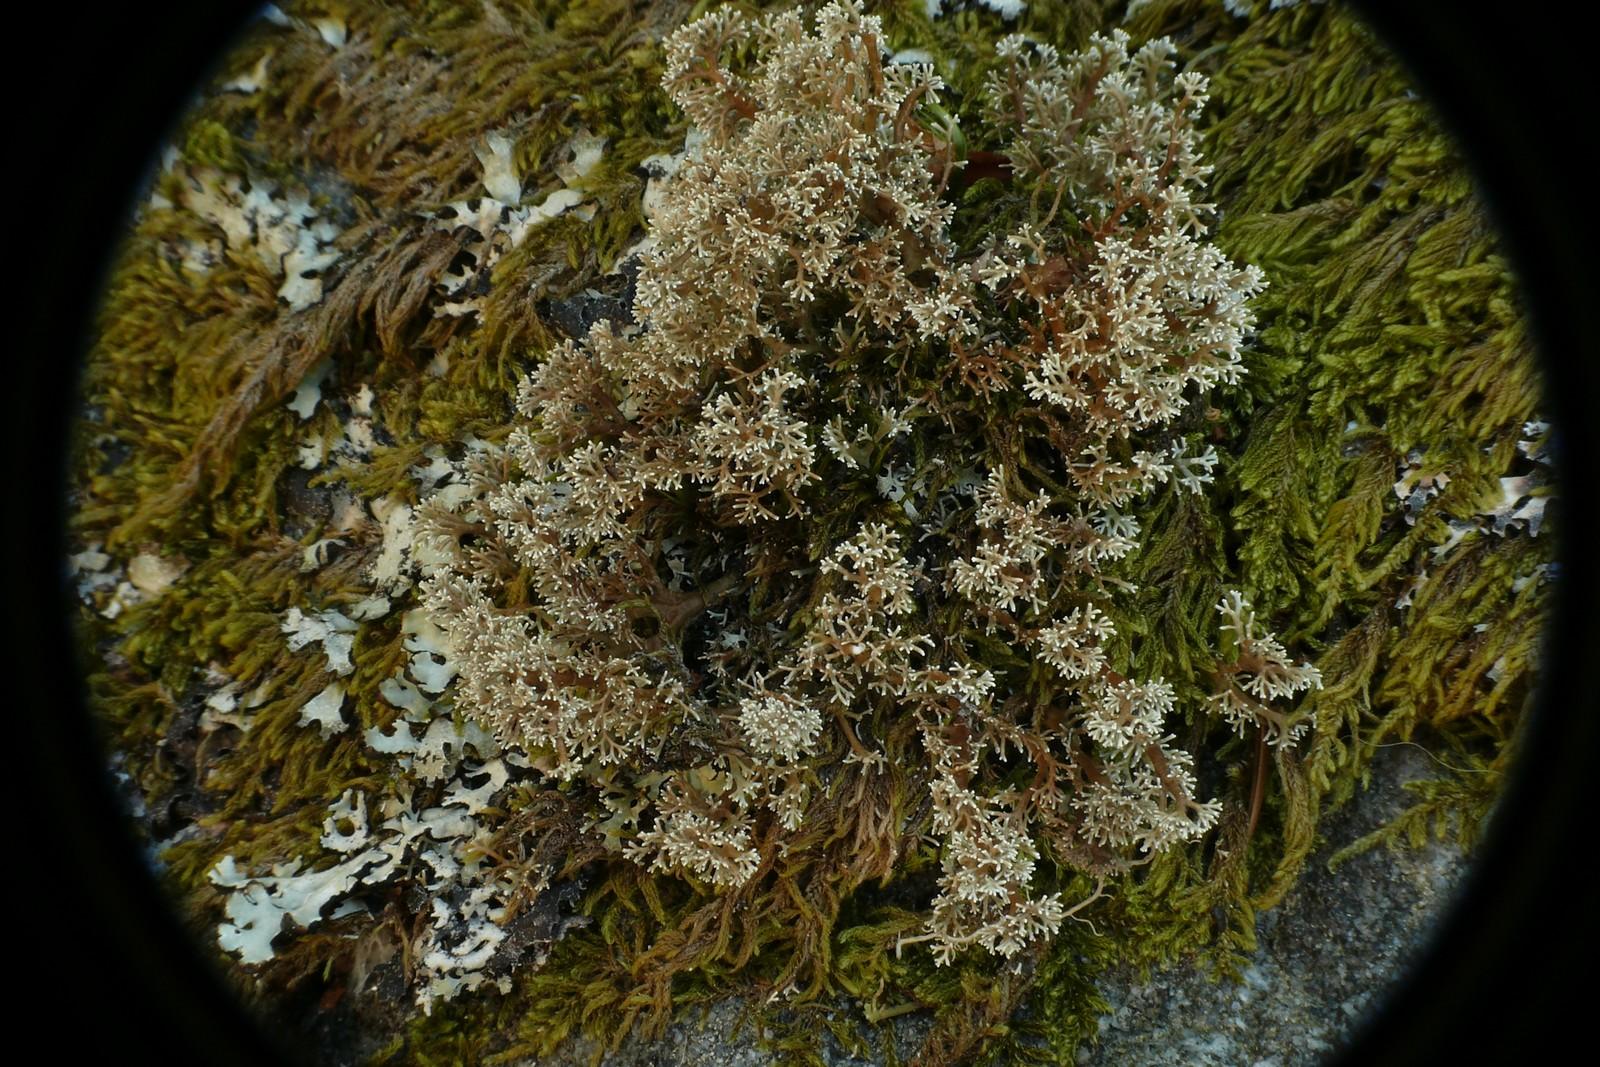 SphaerophorusGlobosus-20130707-63-PréDaval-04e